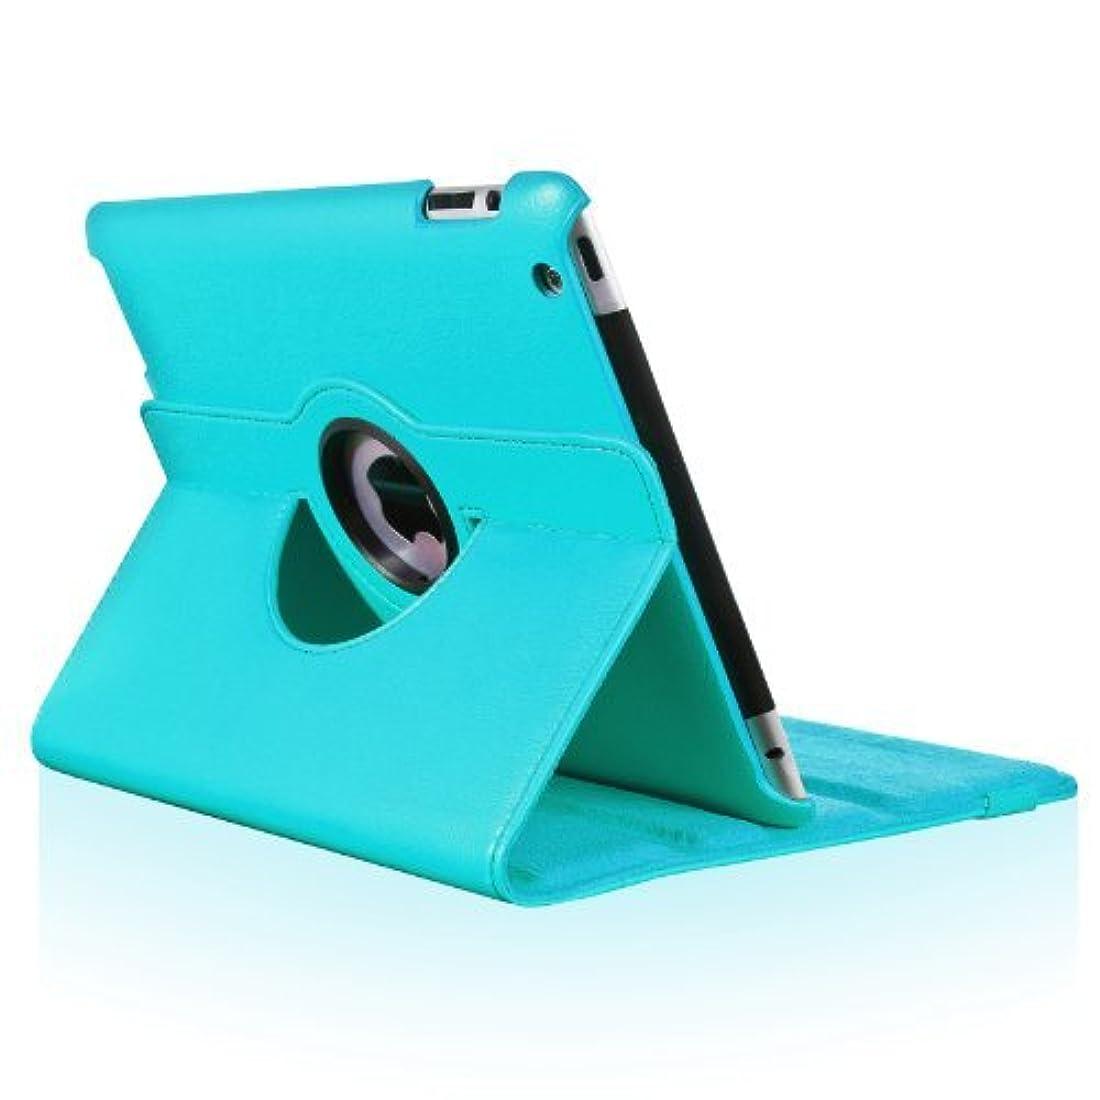 あたり上級デンプシーiPad2 iPad3 iPad4 360度回転式 スタンド仕様 レザー ケース 液晶保護フィルム付き ライトブルー